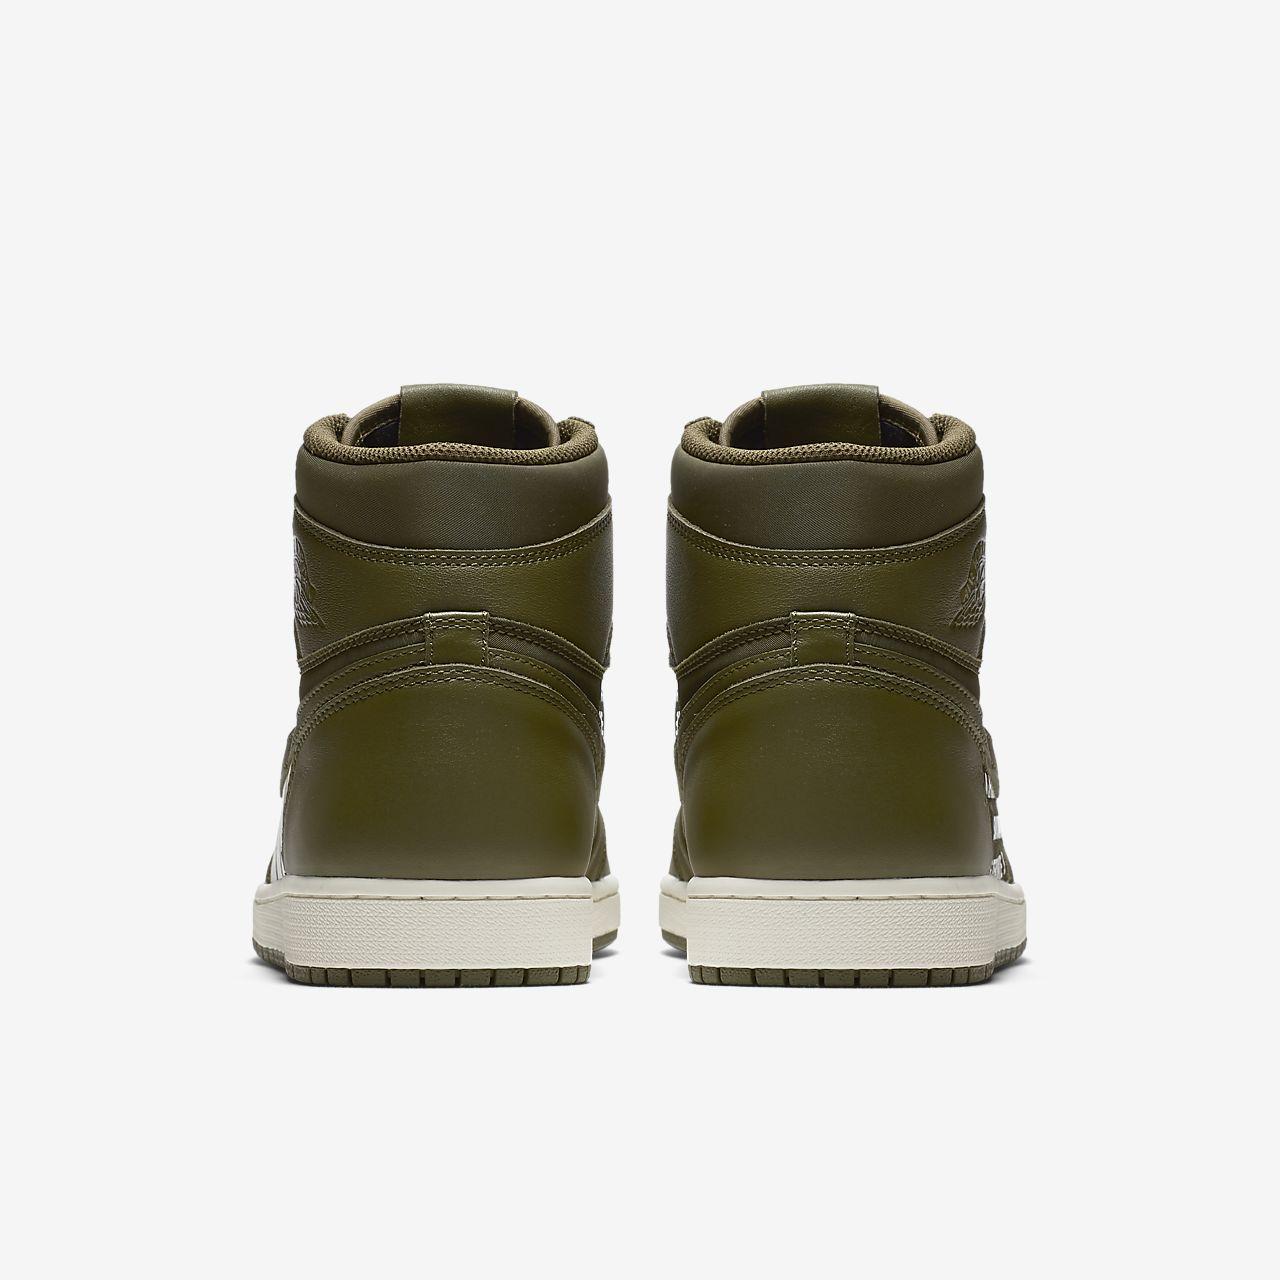 3703a12d34fb Calzado Air Jordan 1 Retro High OG. Nike.com CL